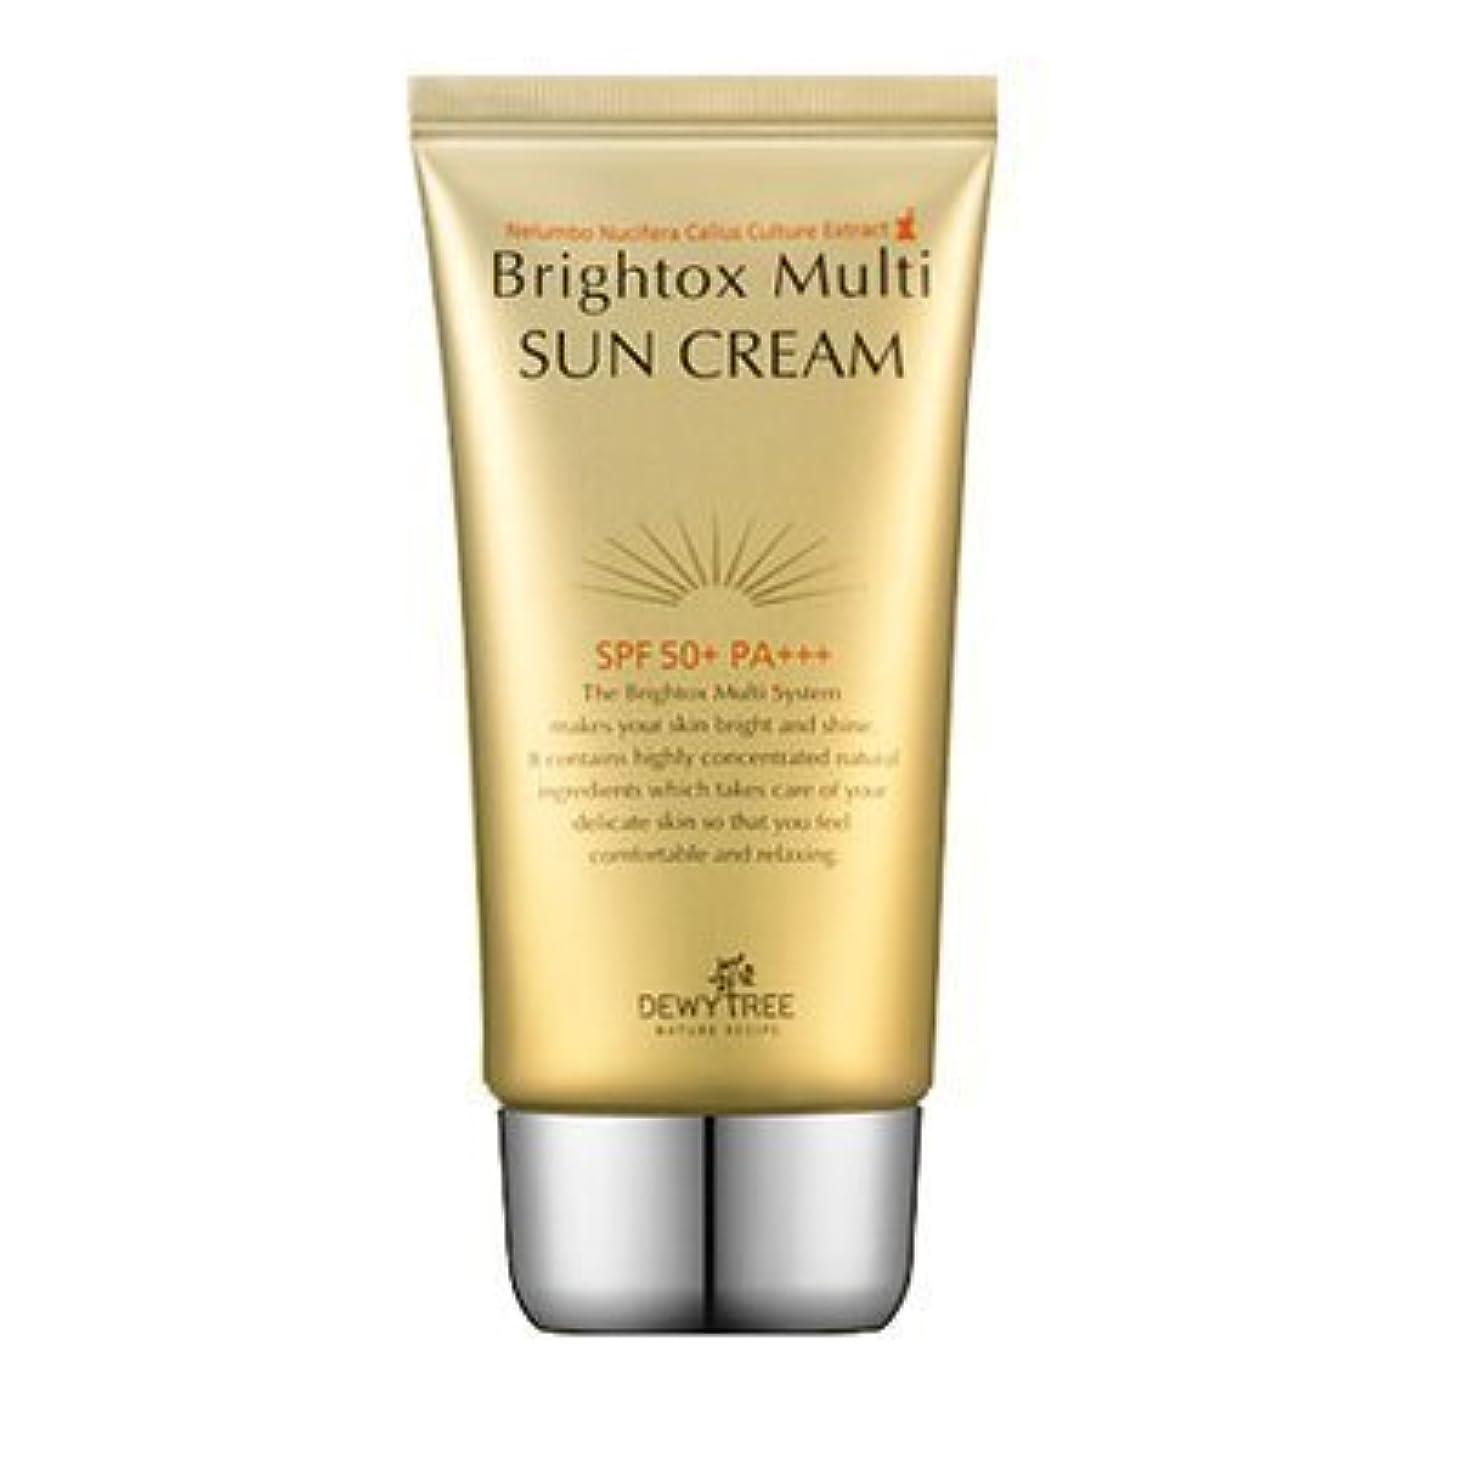 裂け目ママ救いDewytree Brightox Multi SUN CREAM SPF50+, PA+++50ml